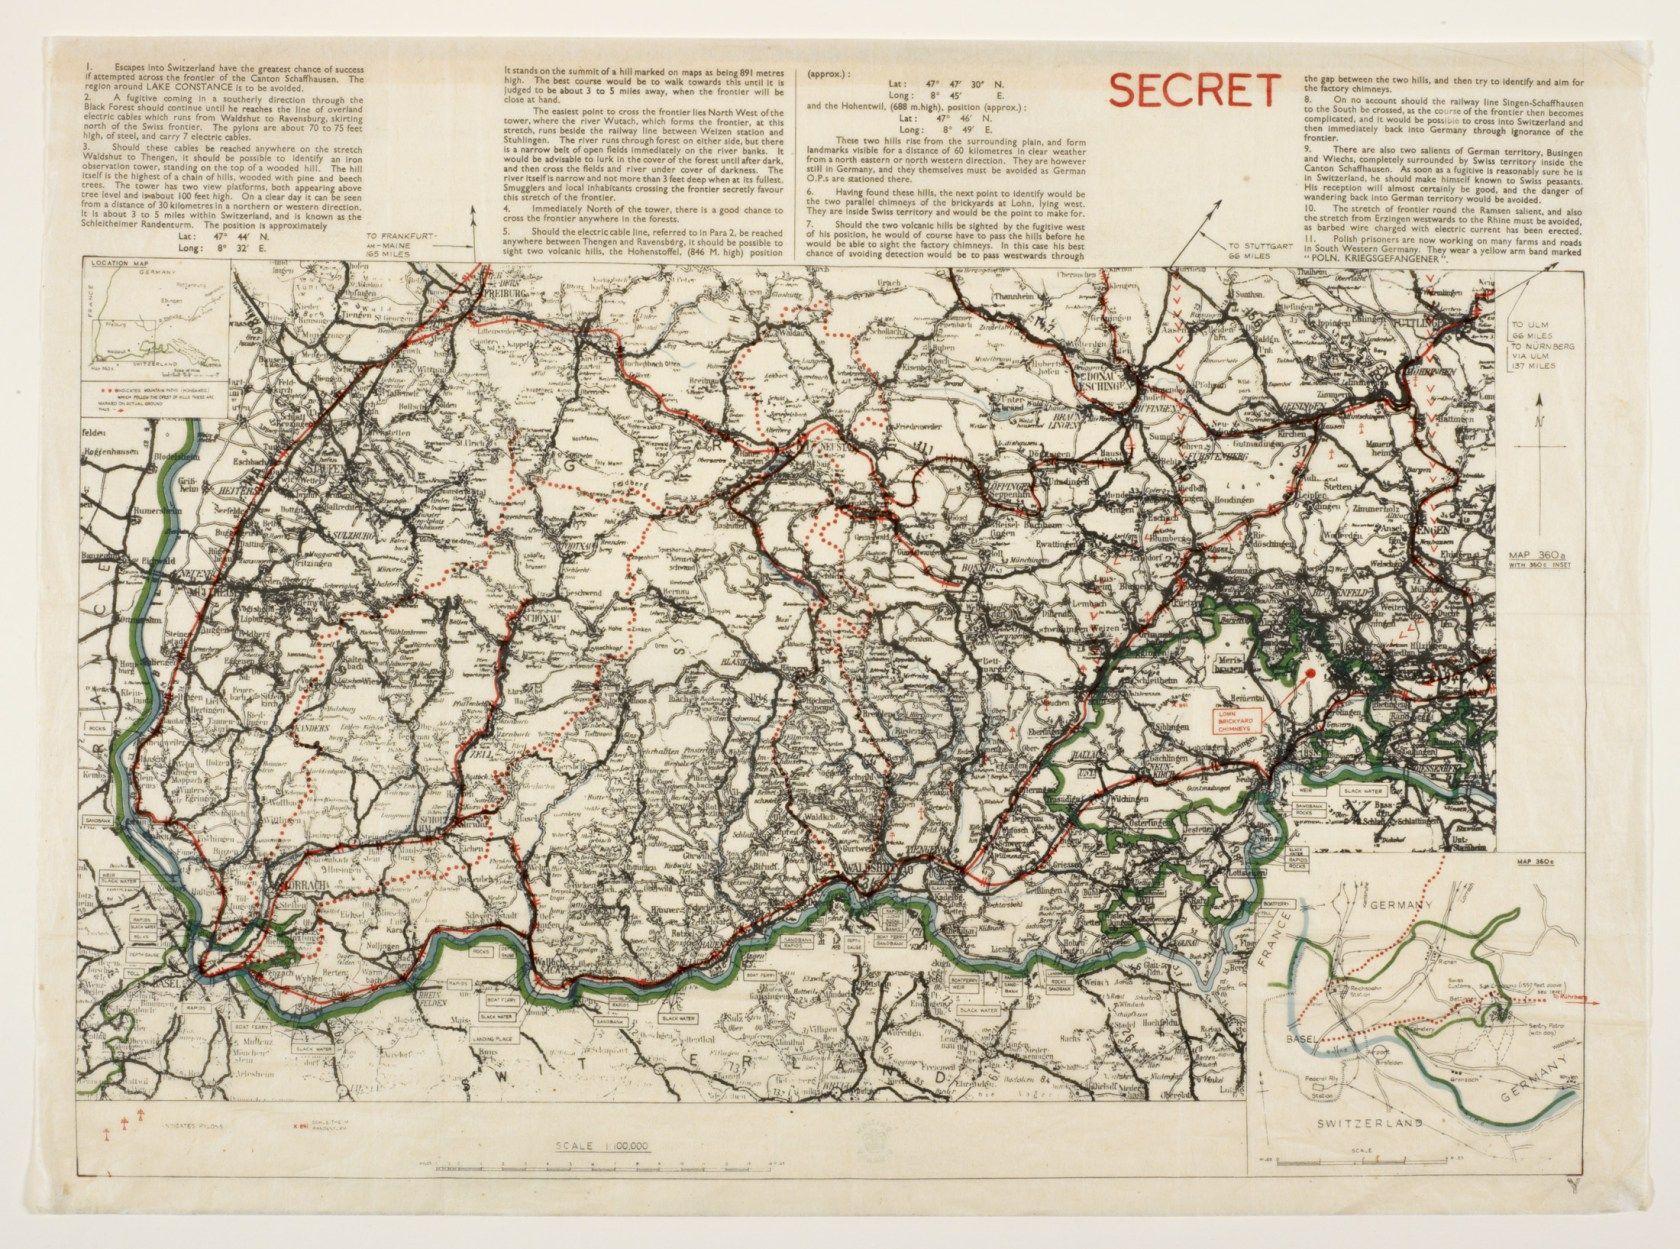 Schaffhausen Airey Neave escape map The War Office 1940 British